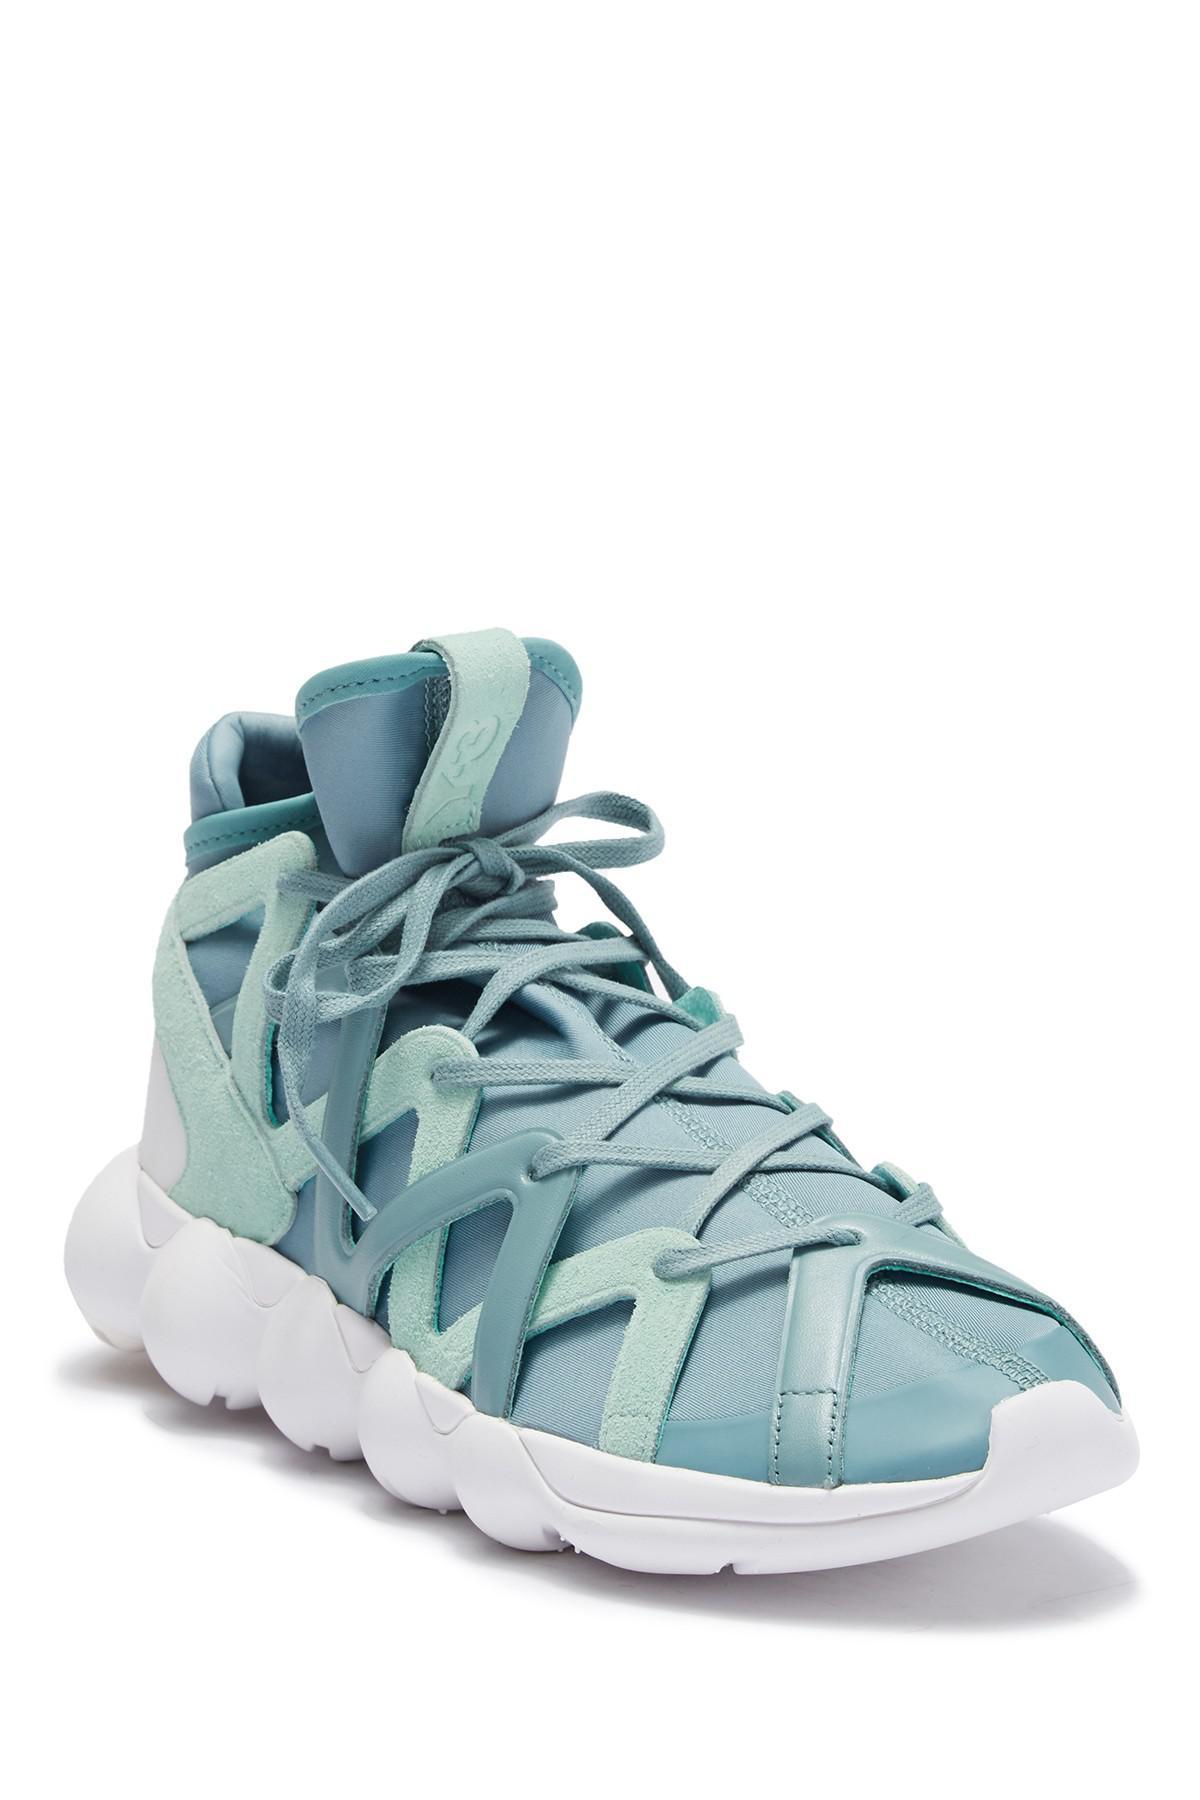 the best attitude dde40 7df61 Lyst - Y-3 Kyujo High Sneaker in Blue for Men